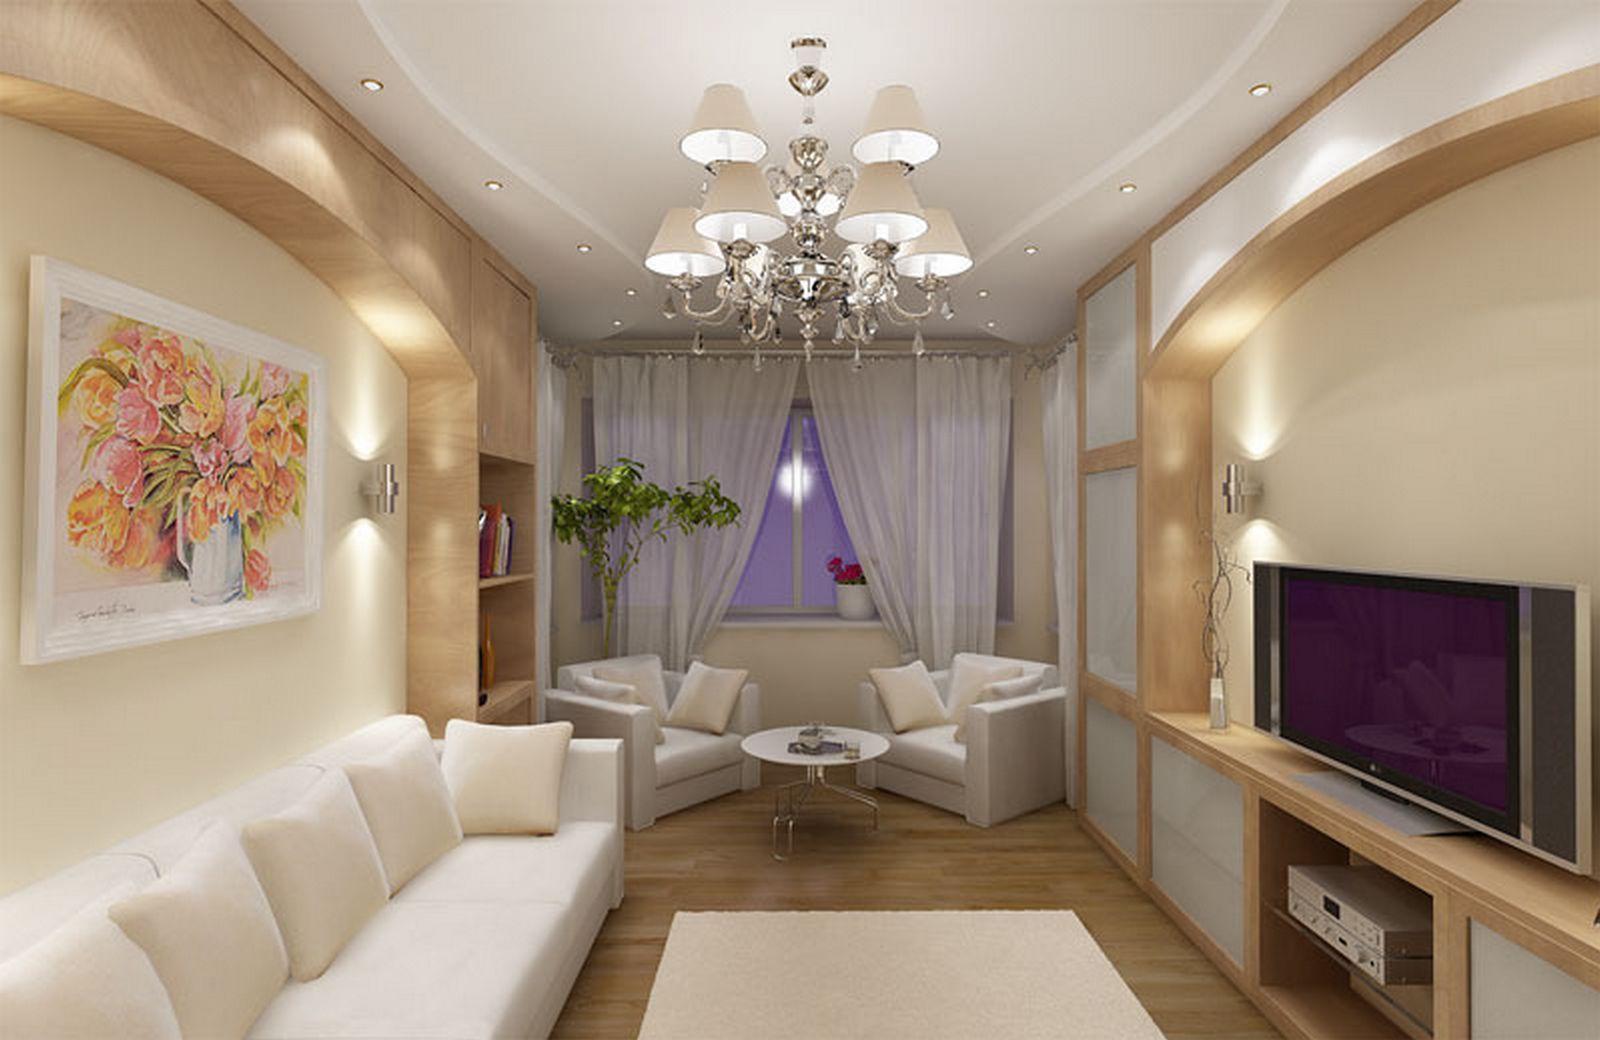 Ремонт гостиная дизайн квартира